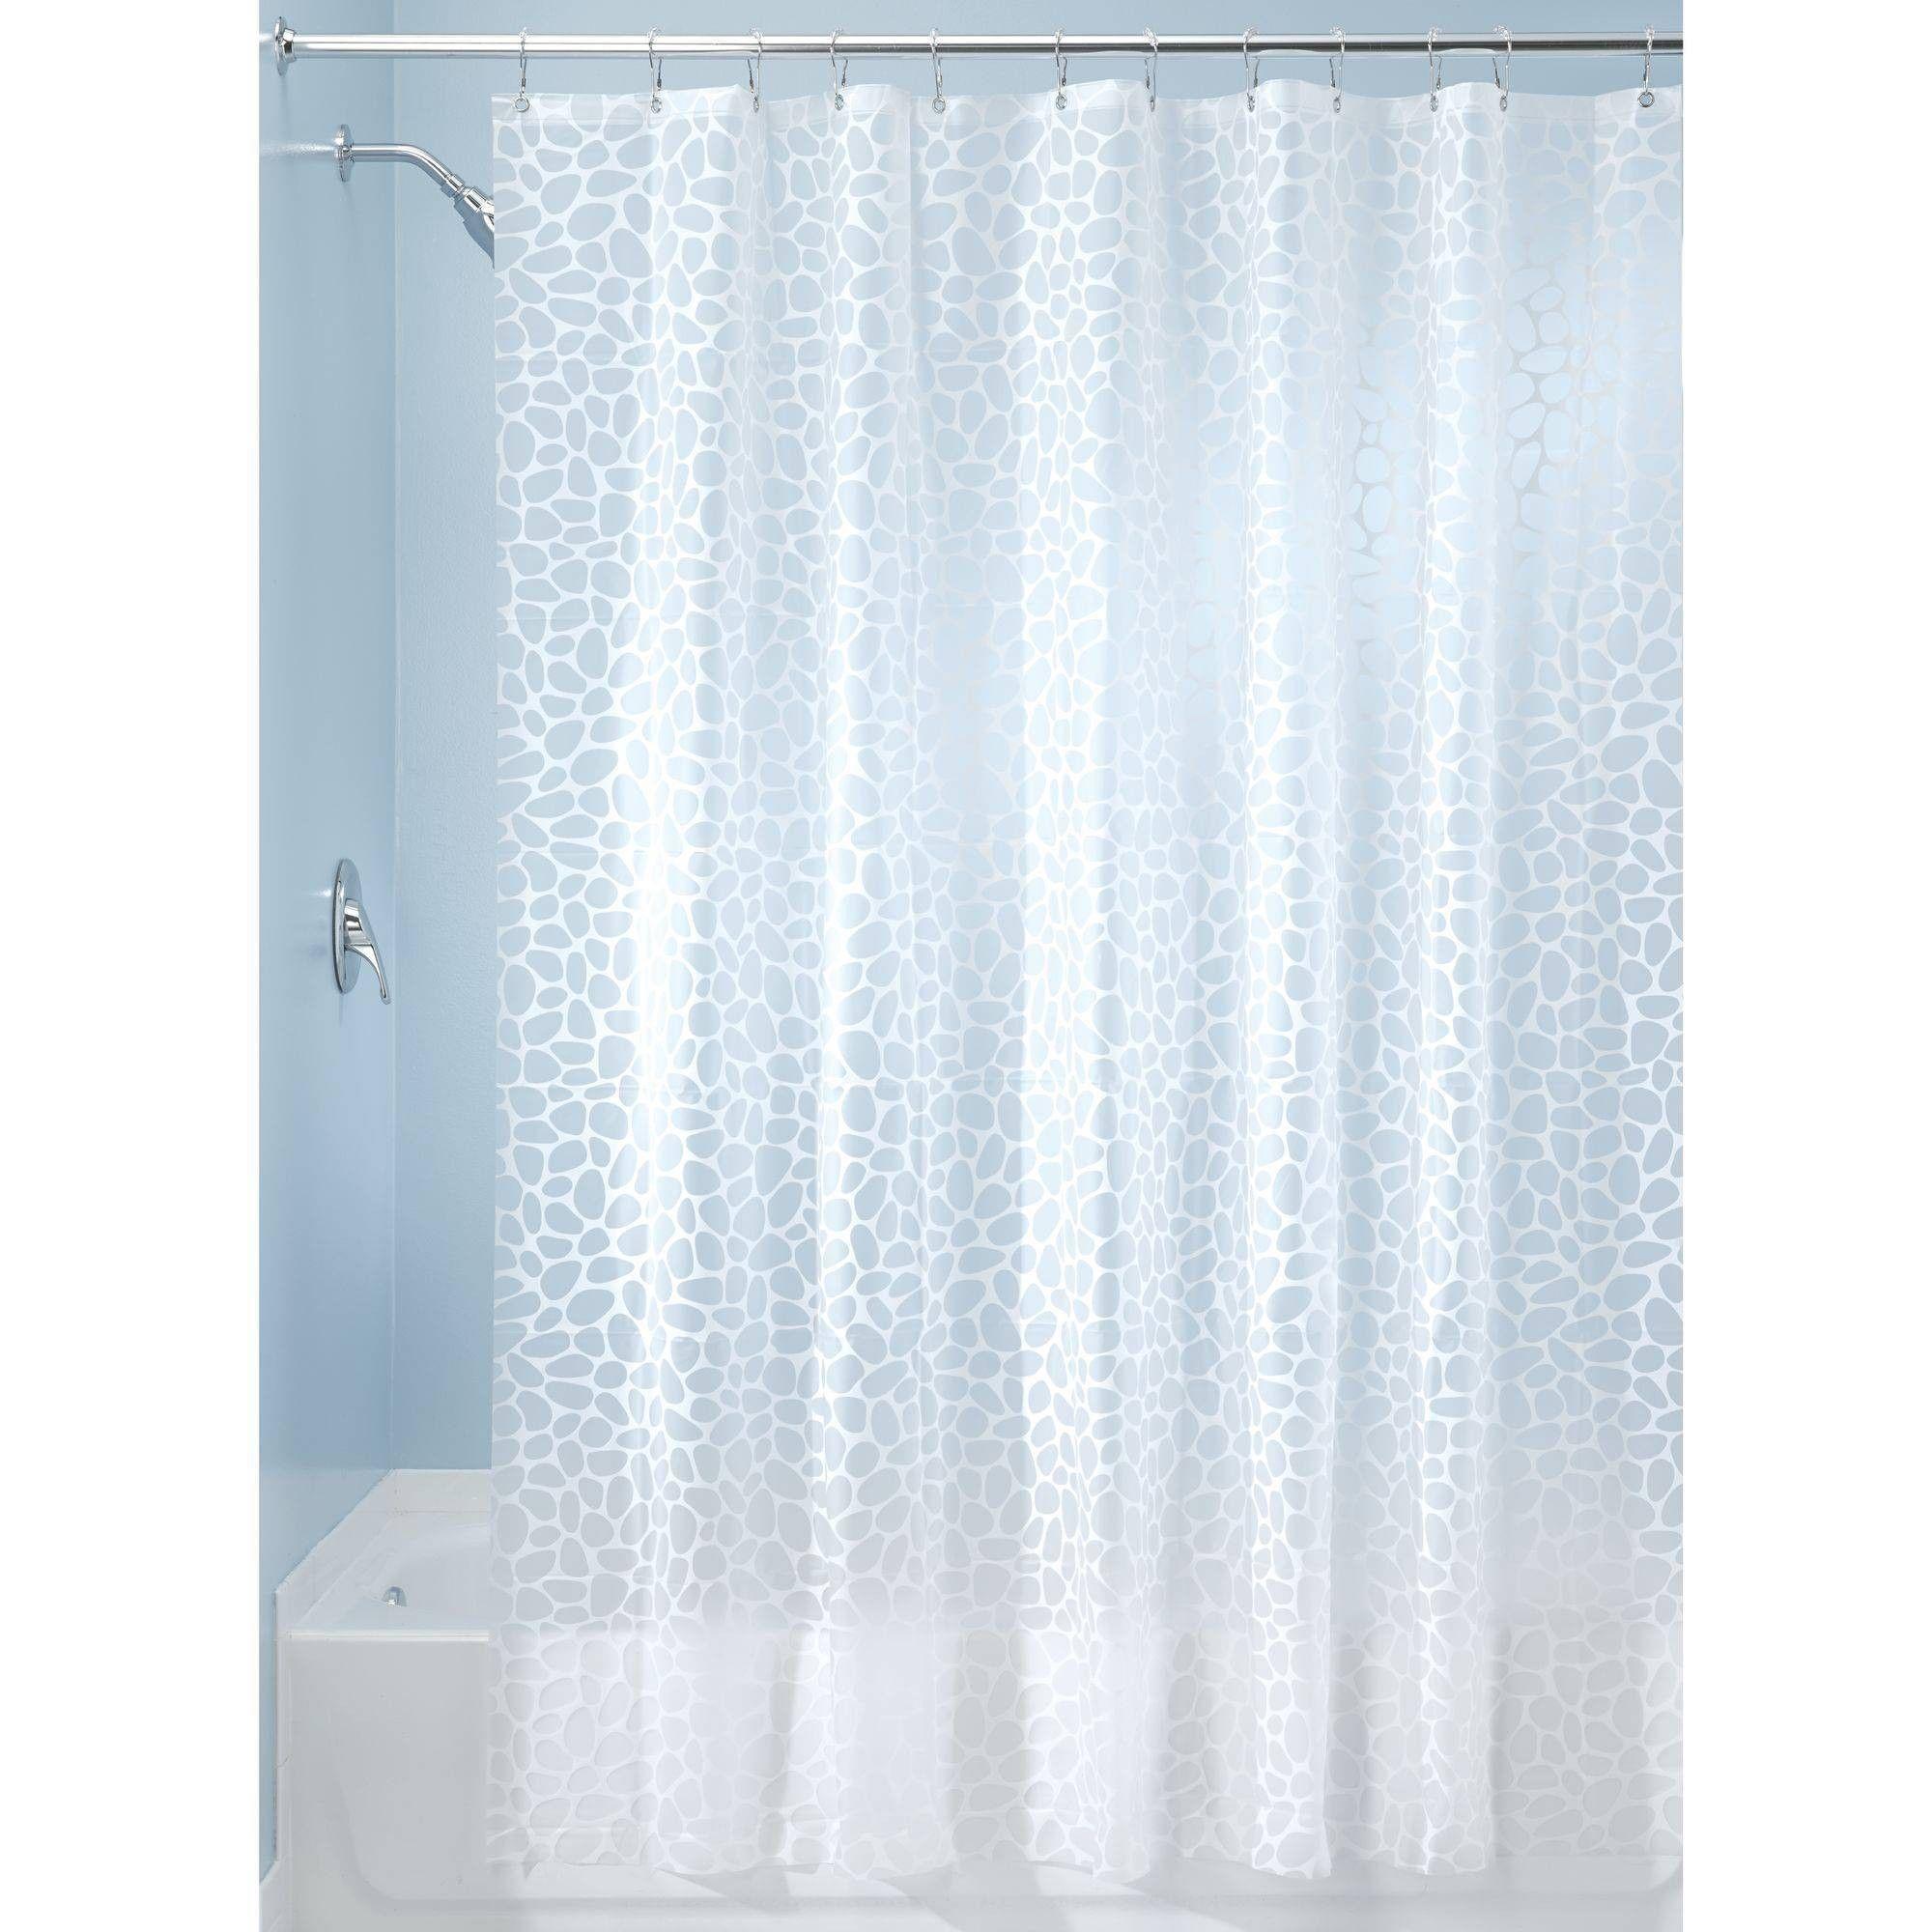 Set Of 2 Pebblz Peva Shower Curtain Liners White Idesign